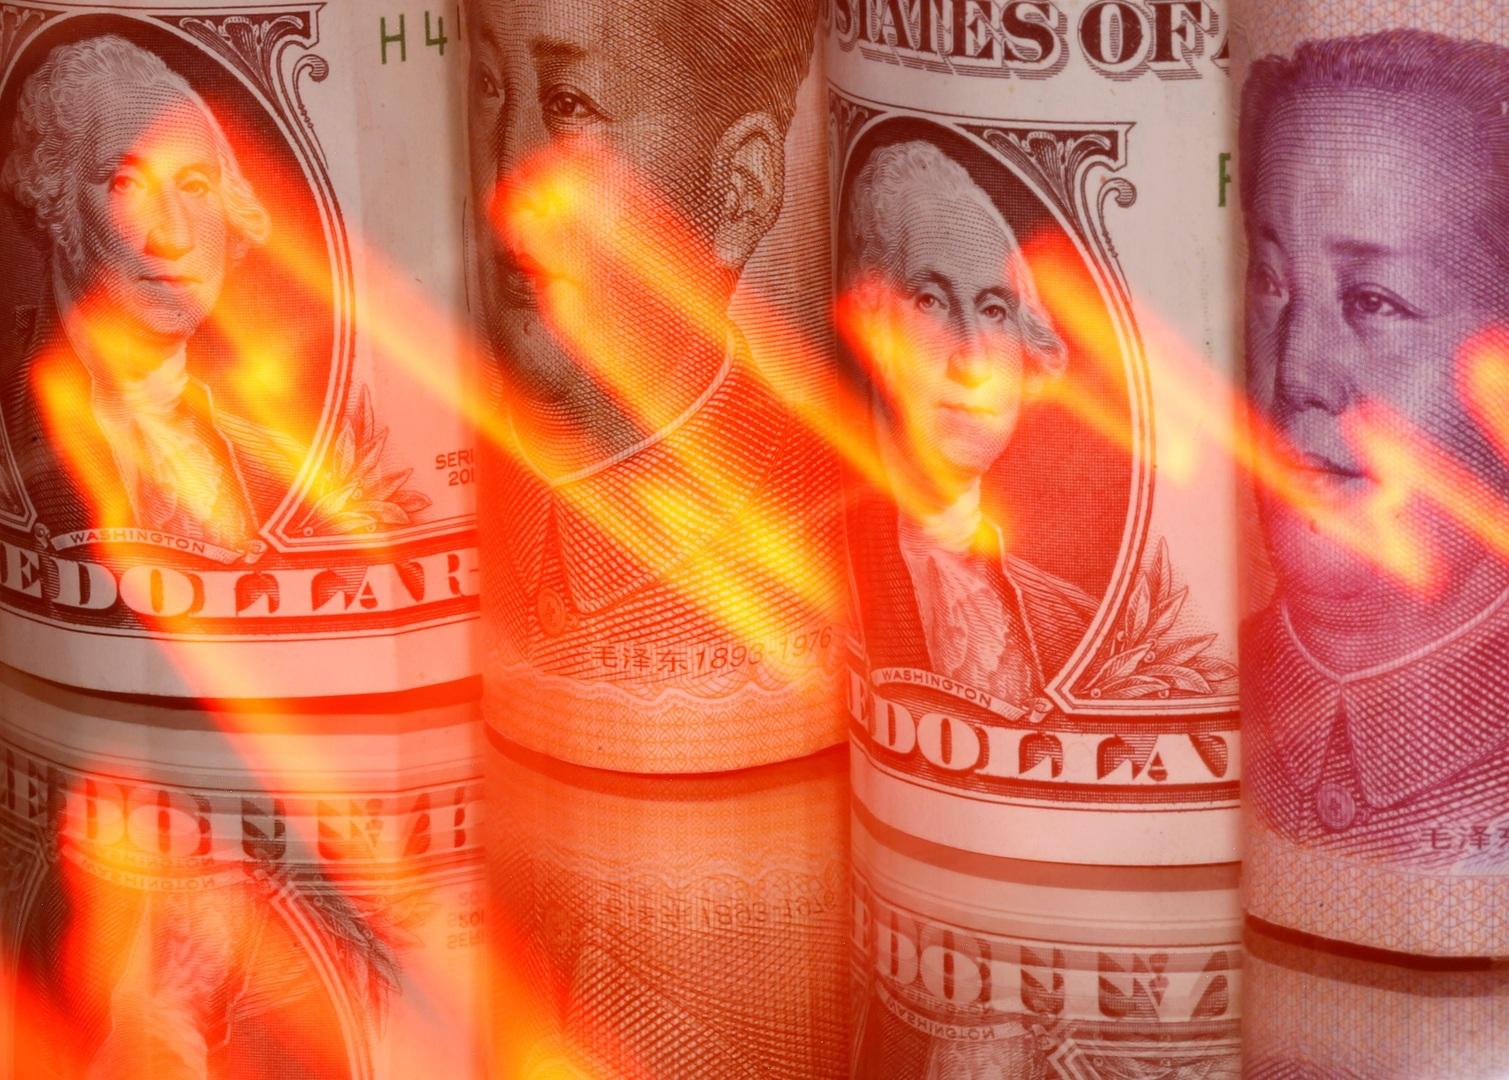 أكبر بنك أوروبي يبيع أصولا بـ100 مليار دولار